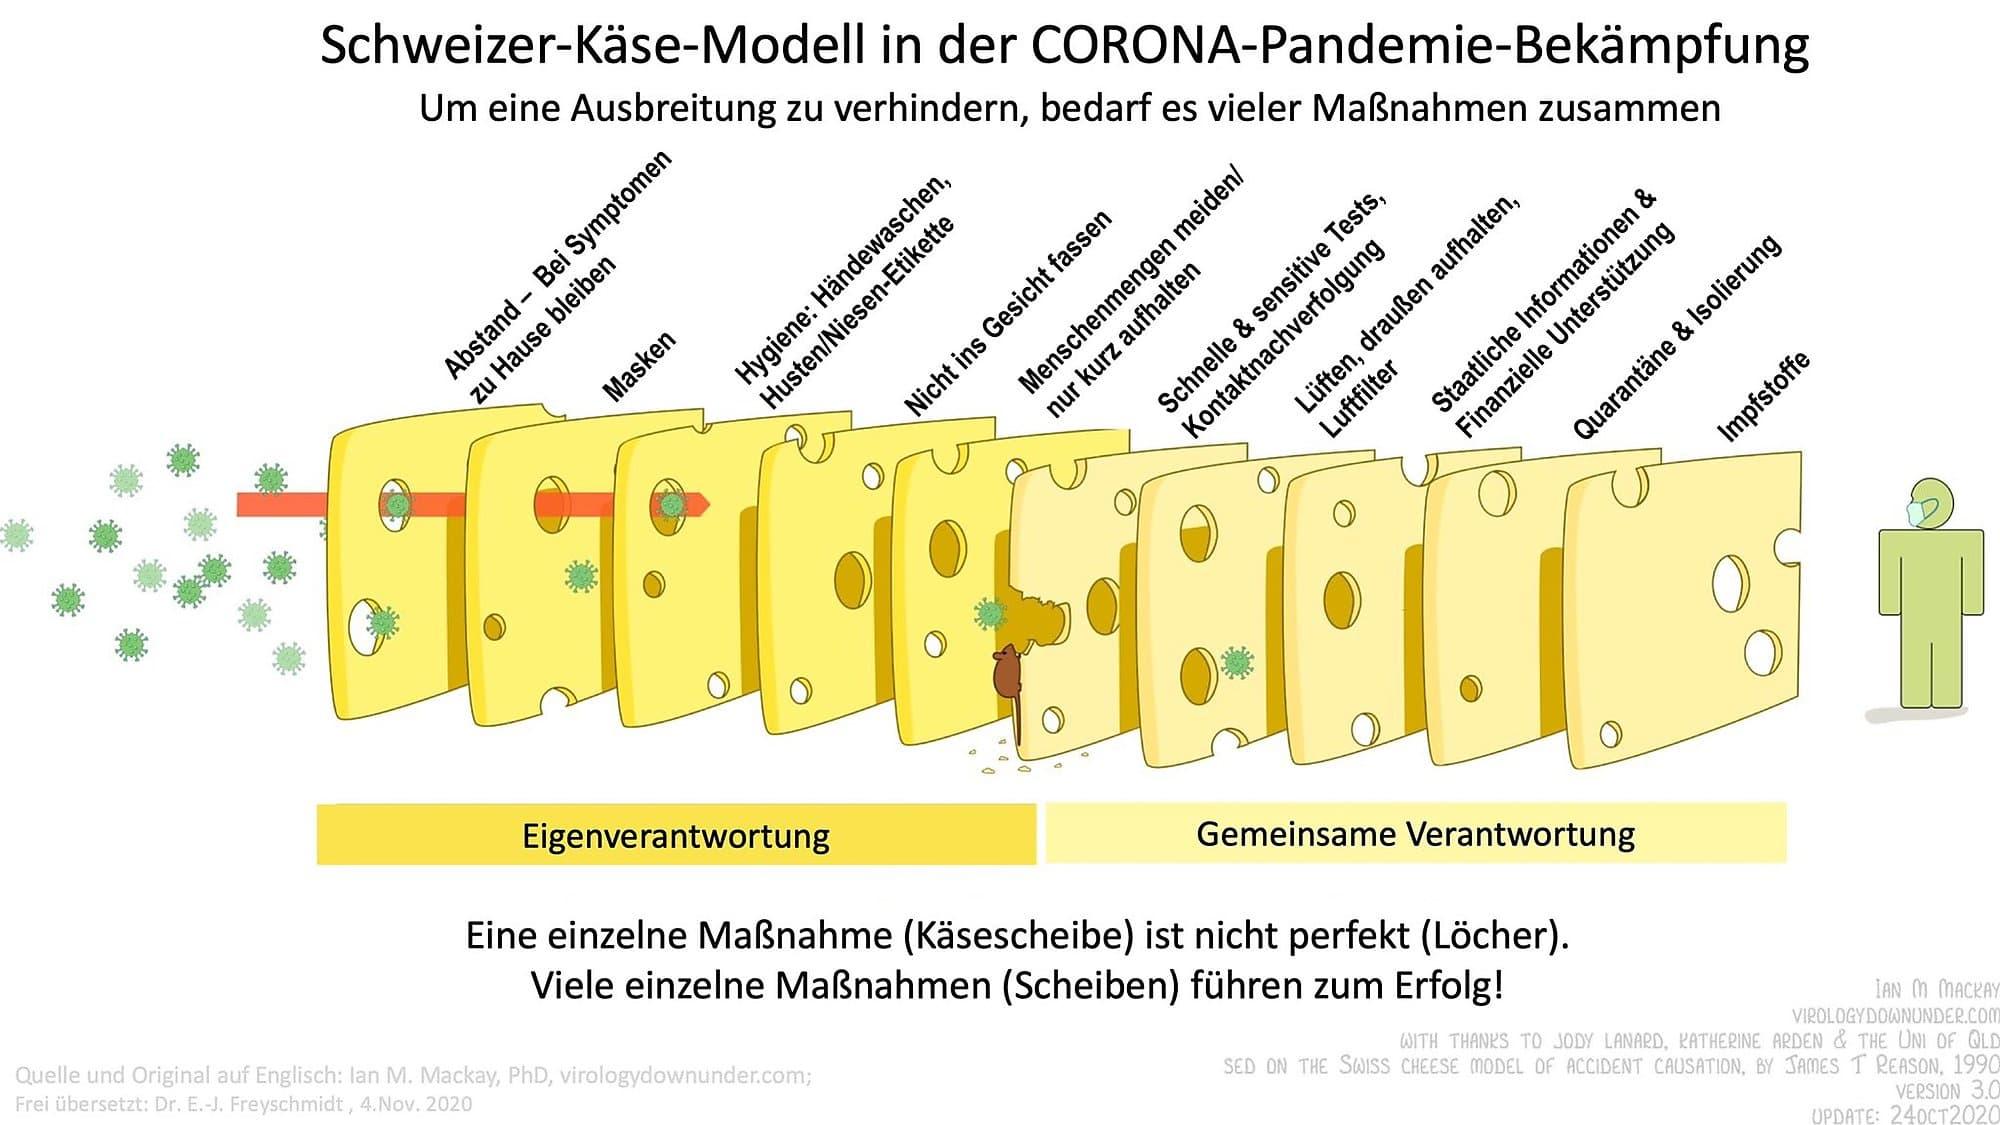 Schweizer-Käse-Modell in der Corona-Pandemie